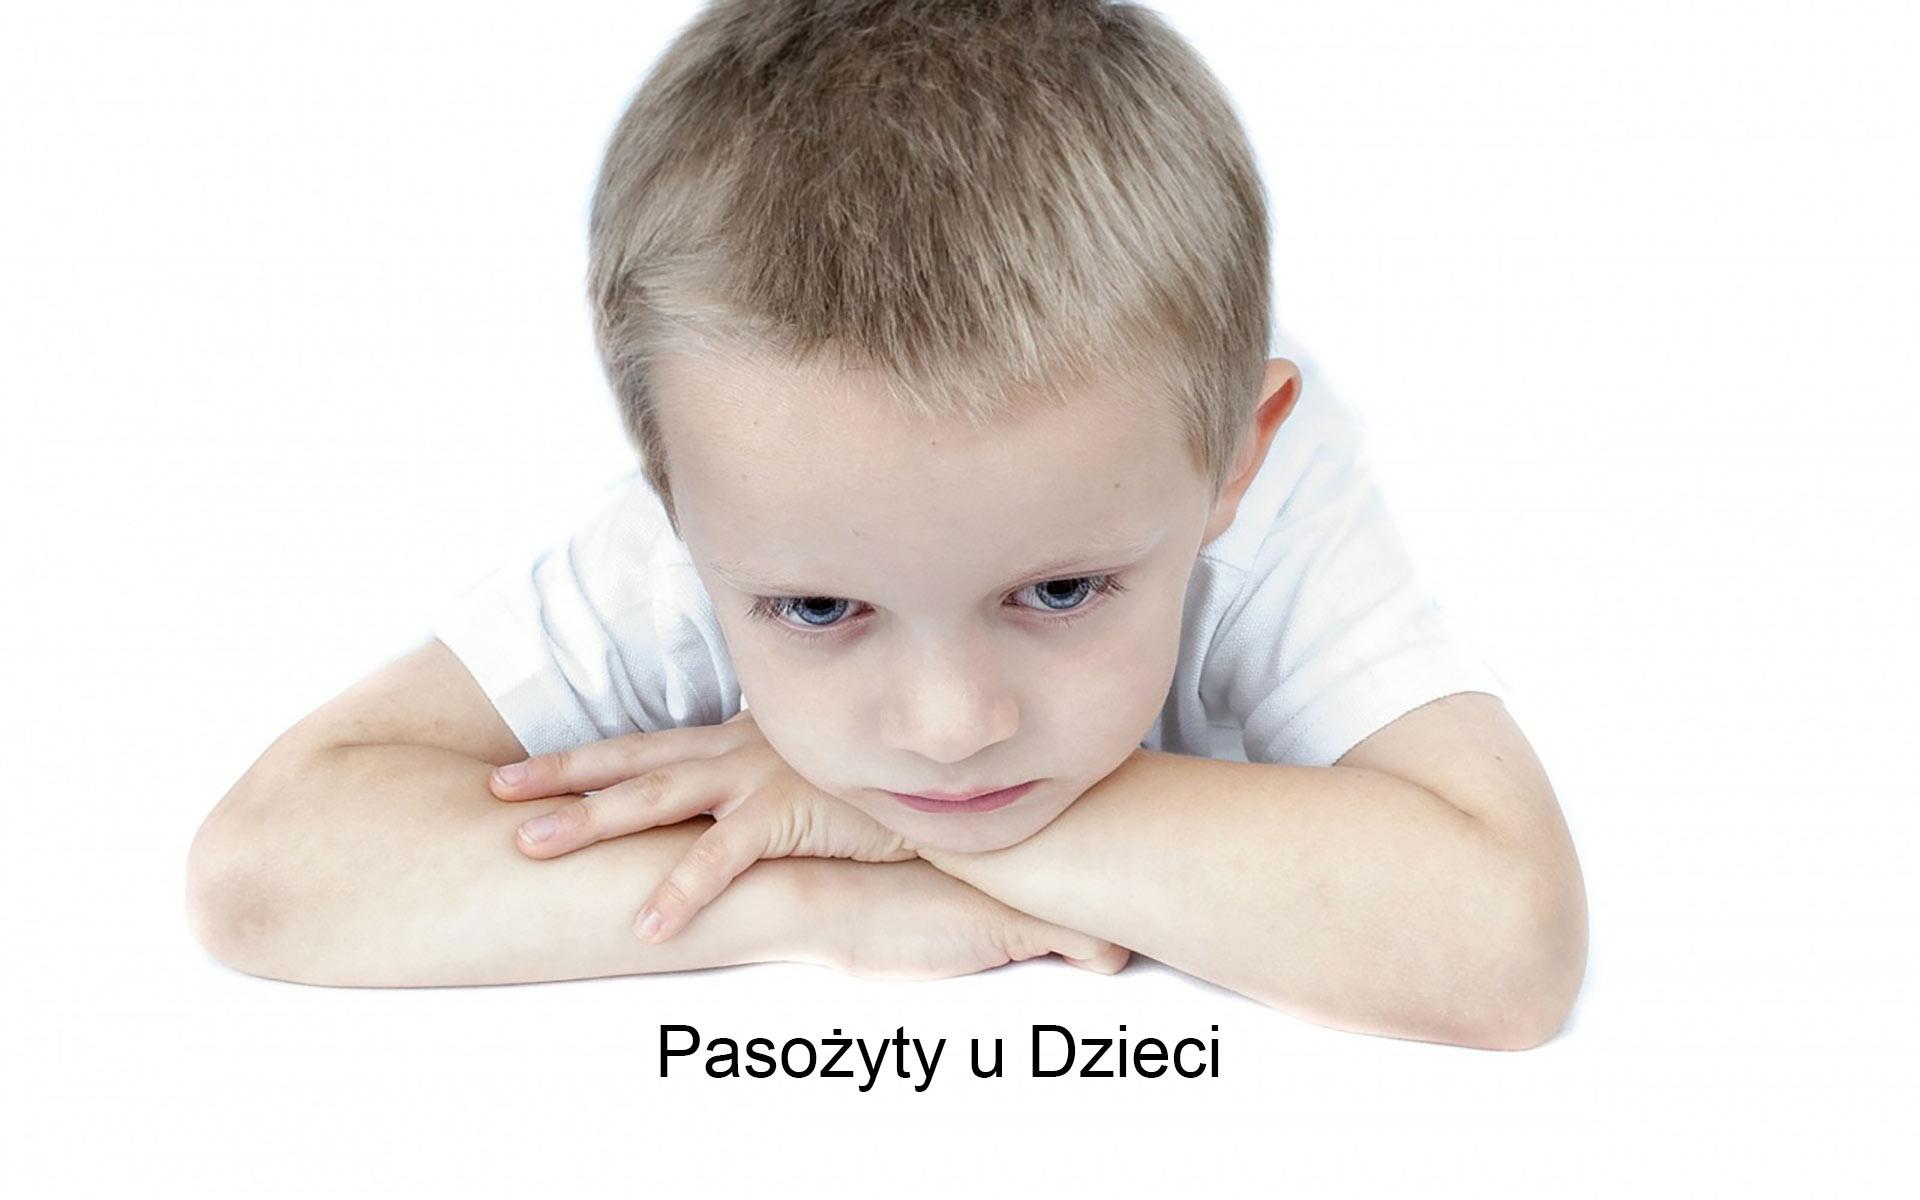 pasozyty u dzieci